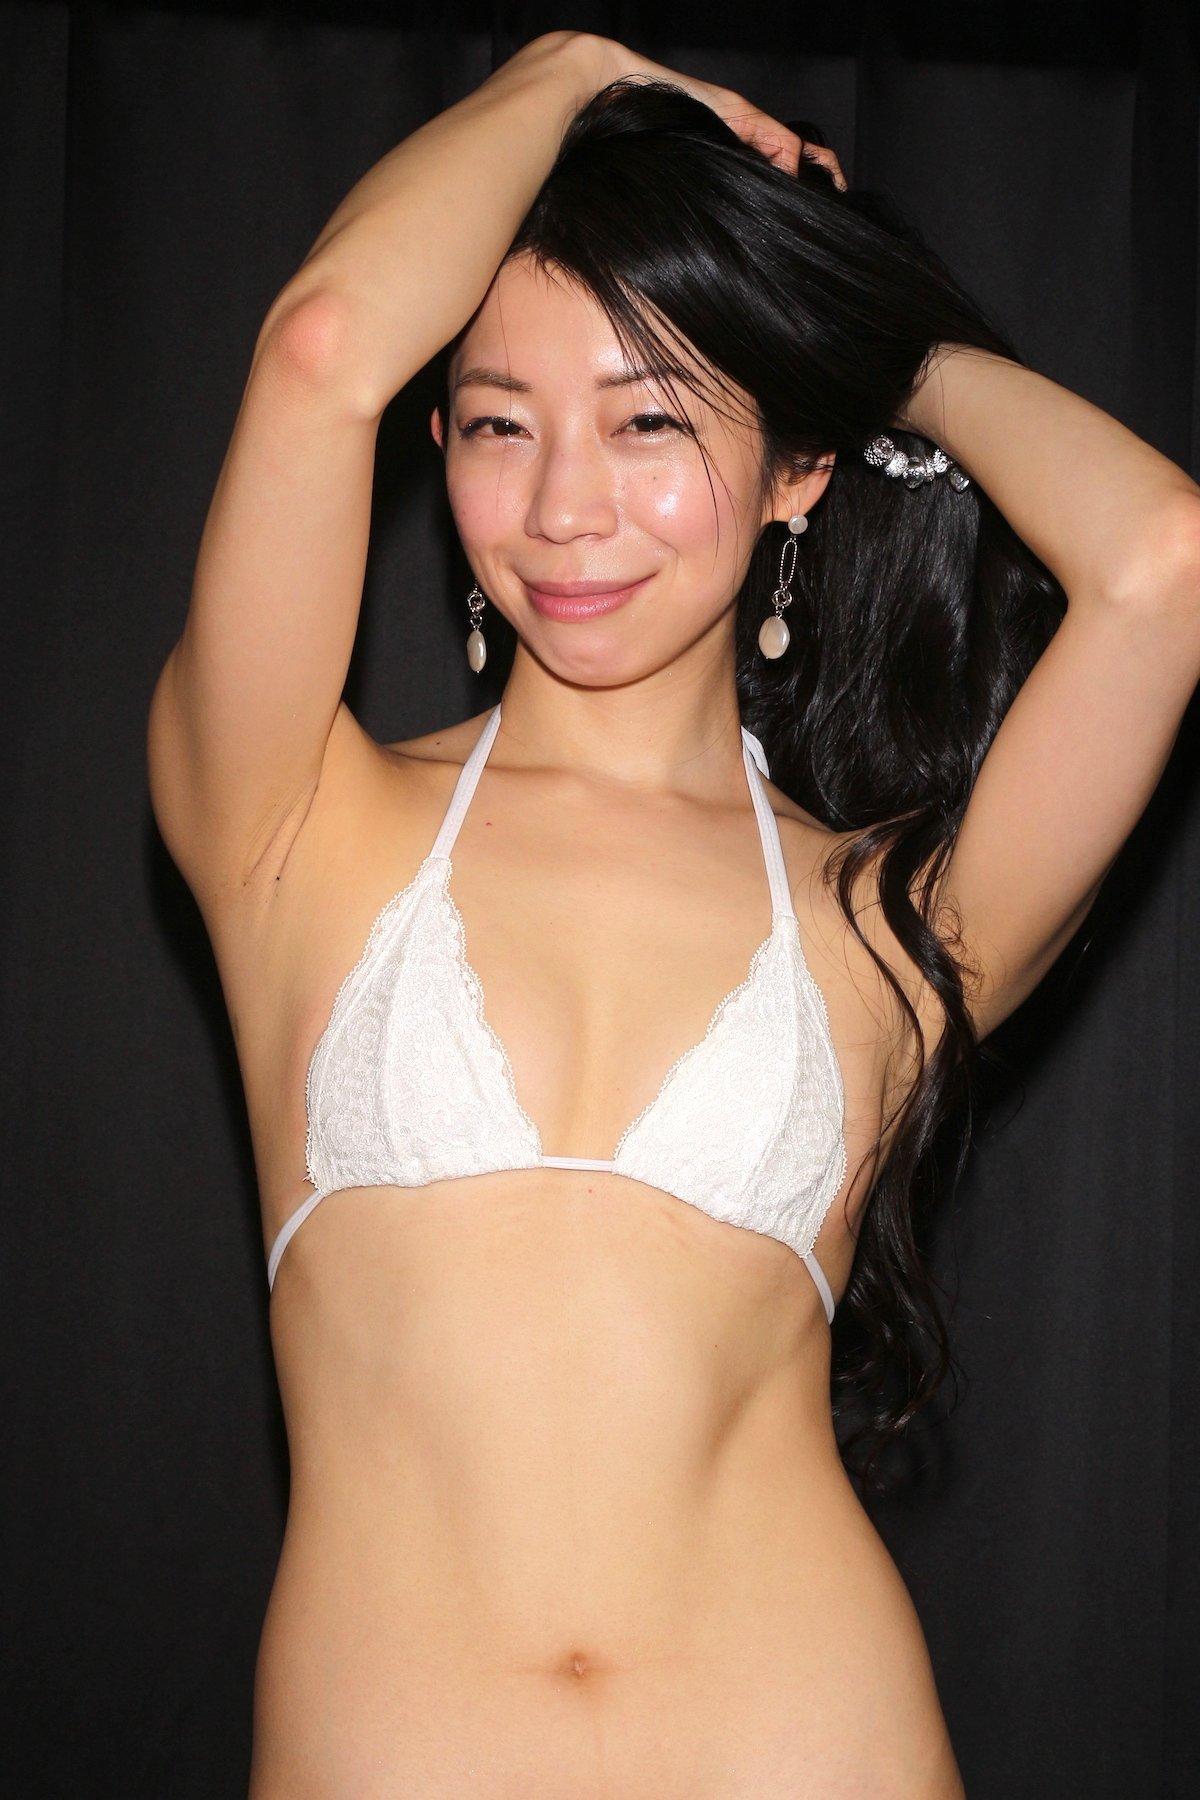 岩崎真奈「ベンチの縁にこすったり」私史上最高にセクシー【画像50枚】の画像018